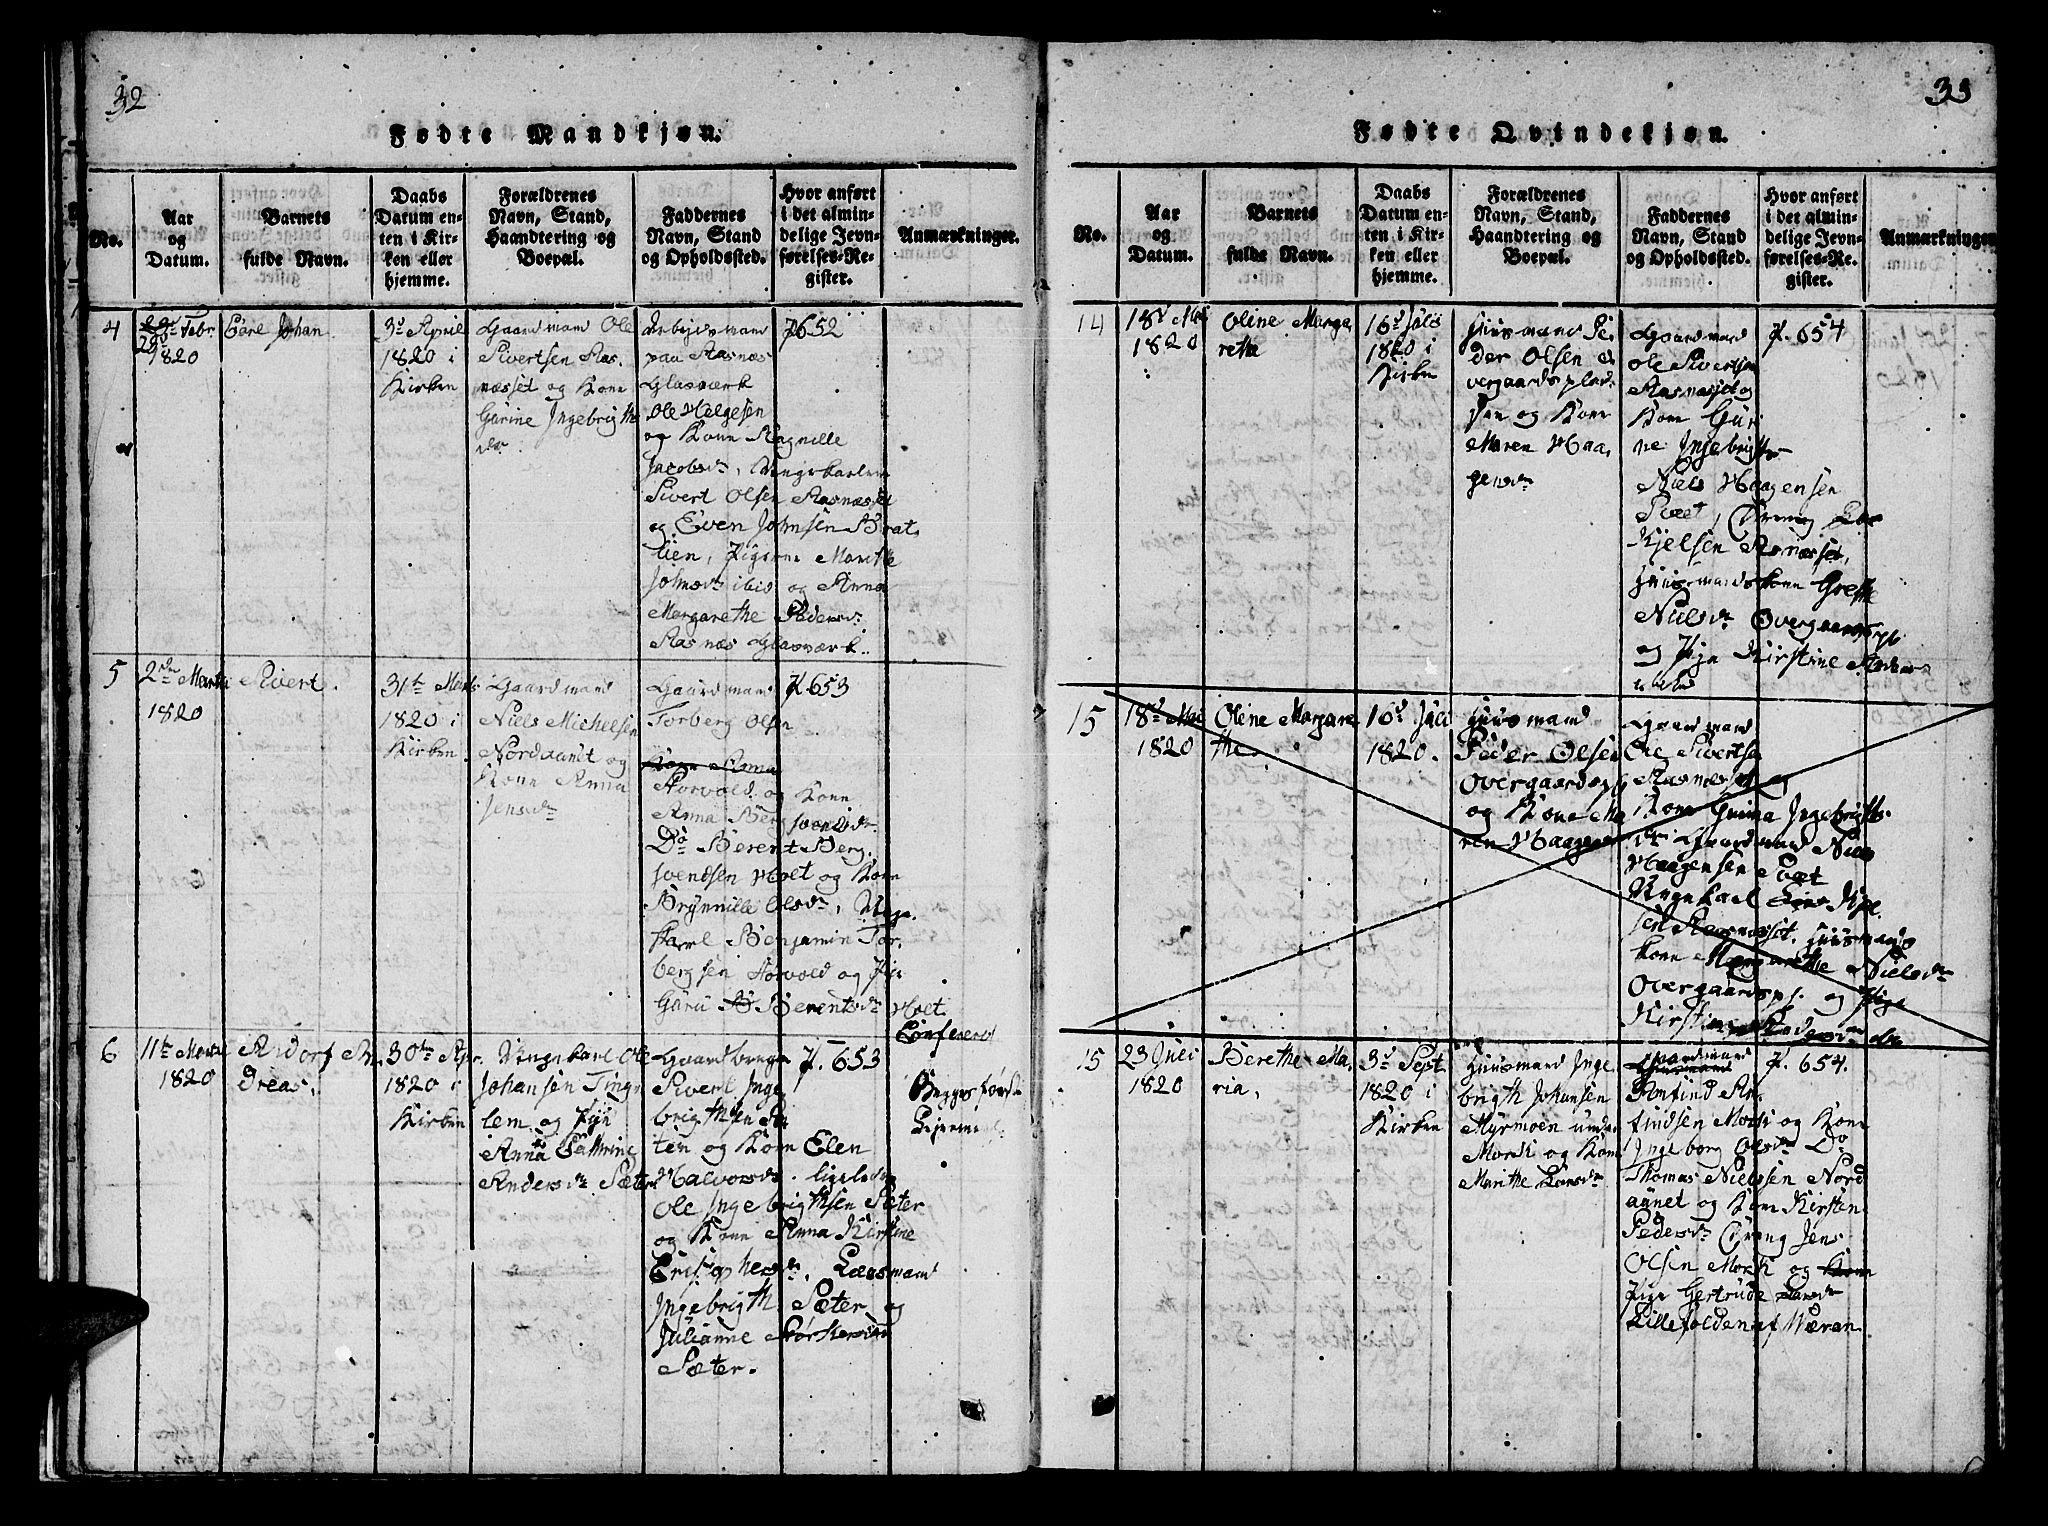 SAT, Ministerialprotokoller, klokkerbøker og fødselsregistre - Nord-Trøndelag, 742/L0411: Klokkerbok nr. 742C02, 1817-1825, s. 32-33